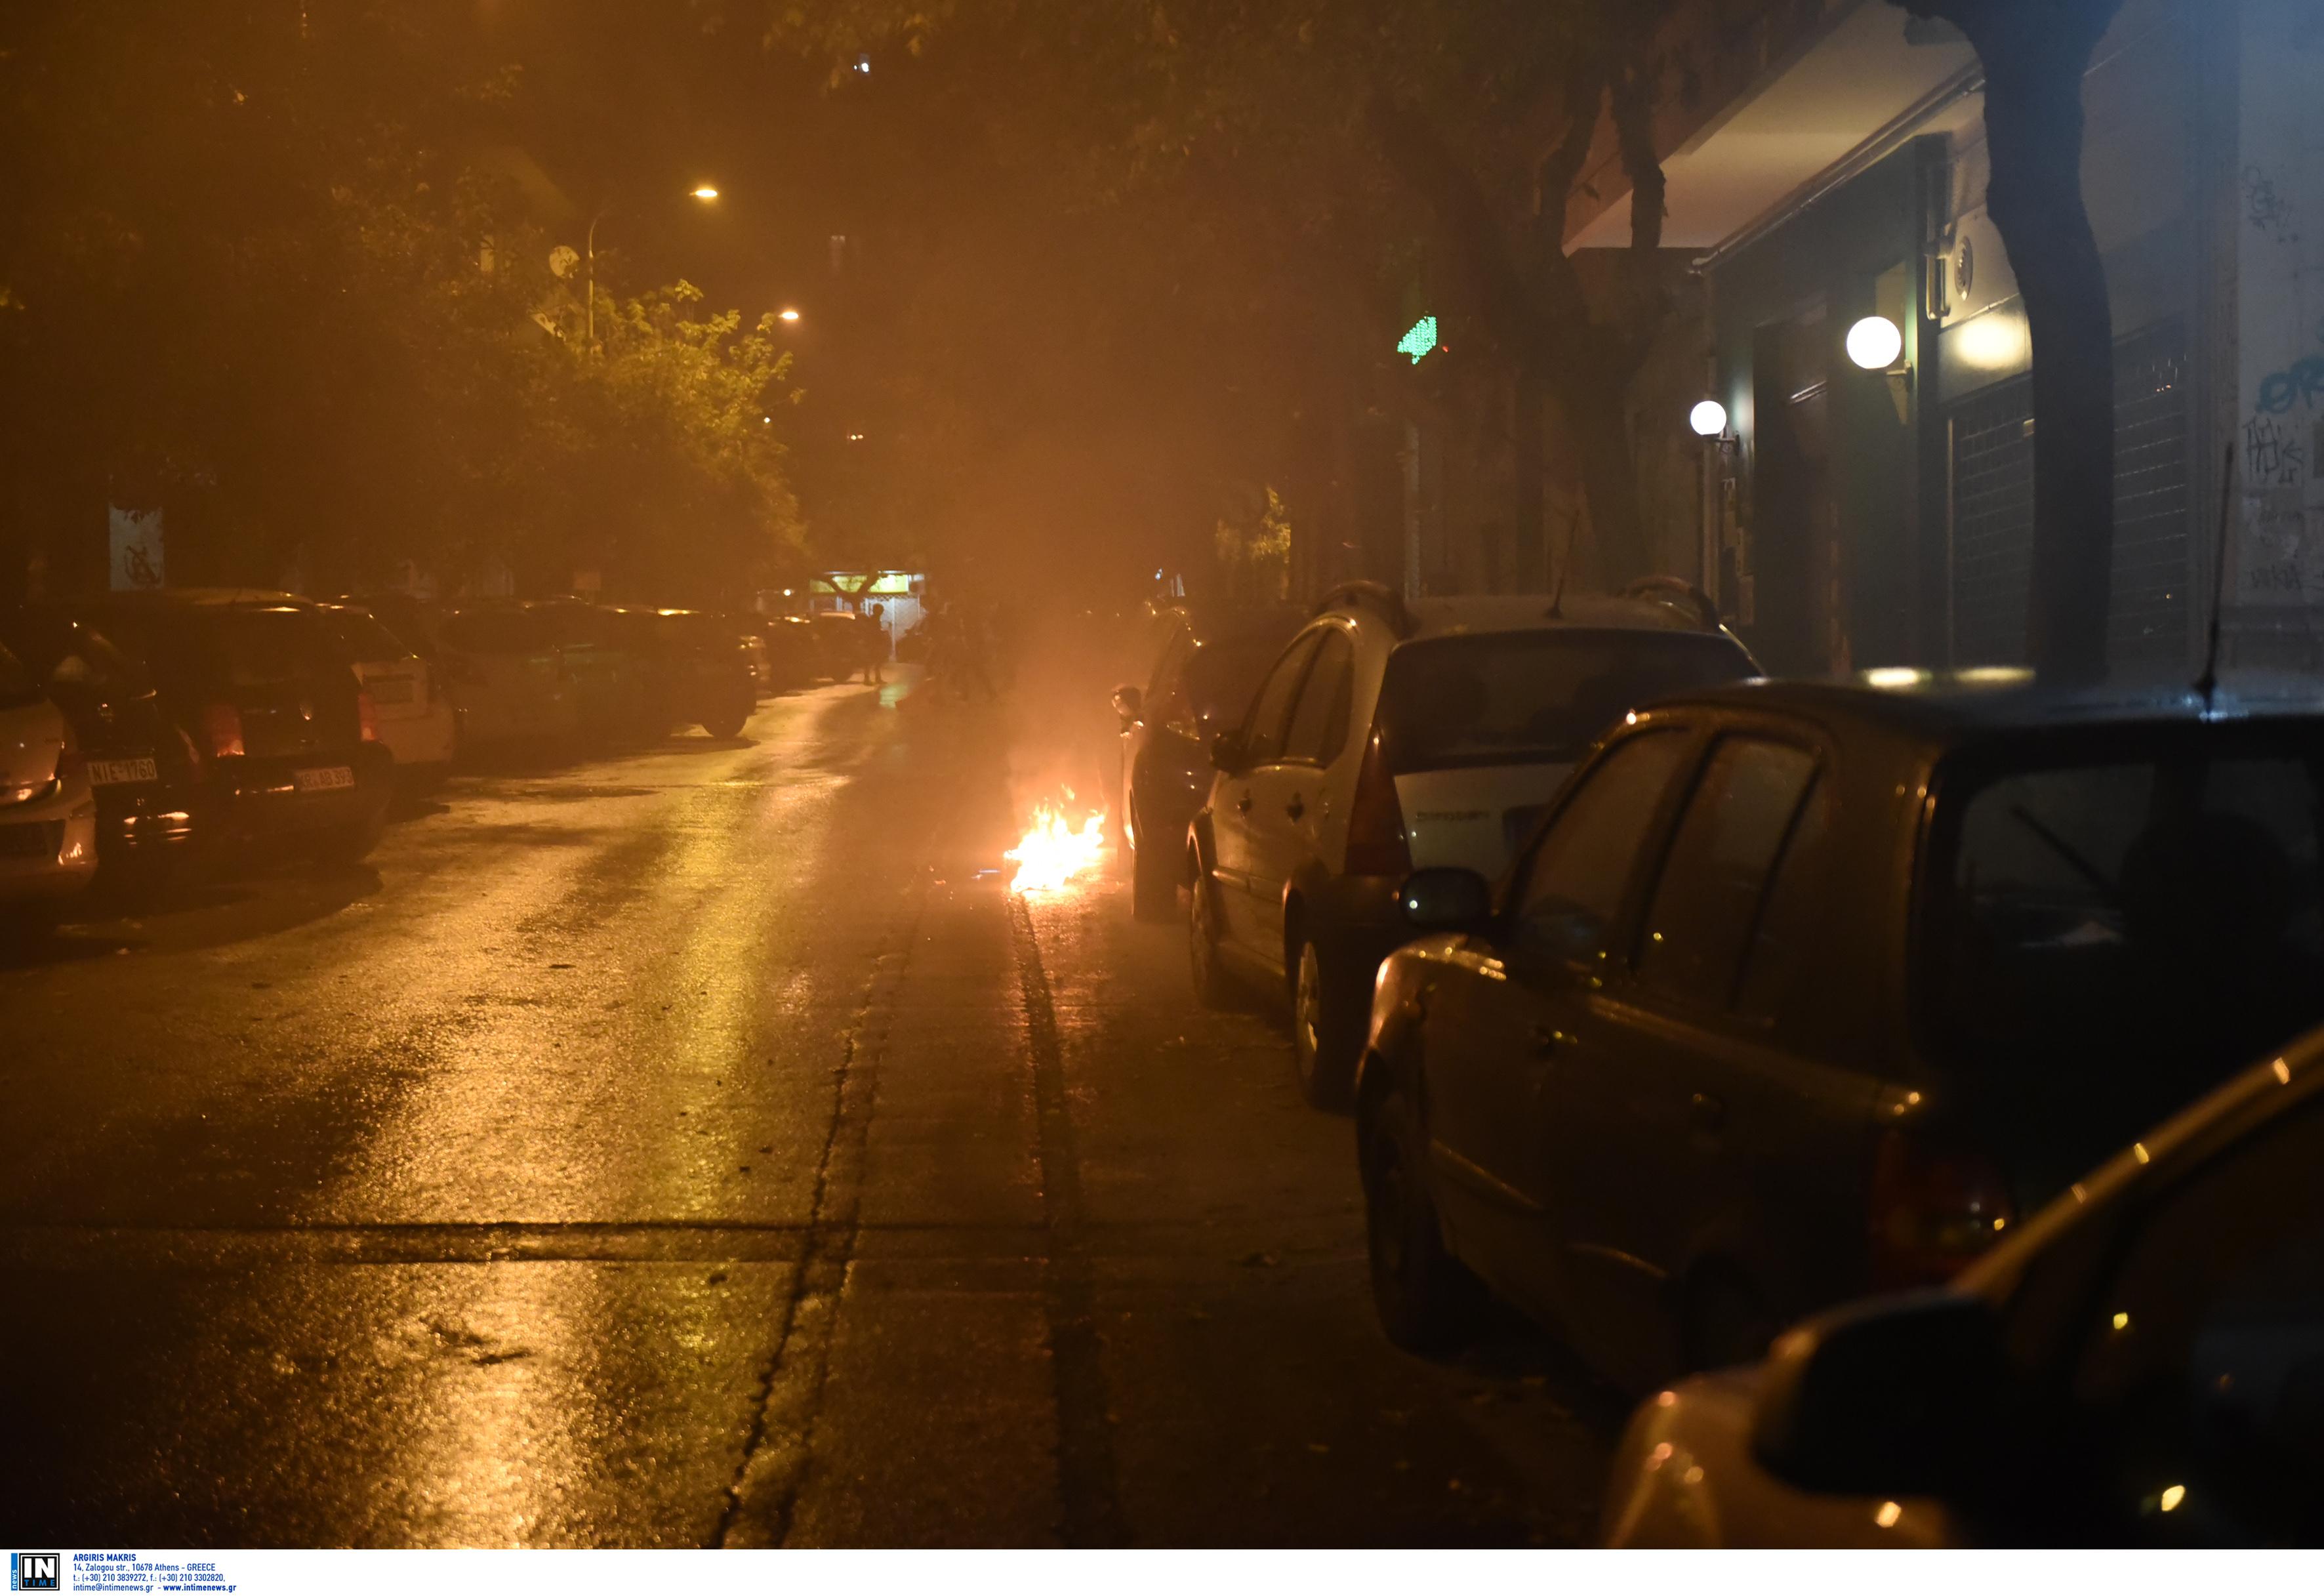 Θεσσαλονίκη: 10 προσαγωγές για τα επεισόδια – Άνοιξαν οι δρόμοι που παρέμεναν κλειστοί!